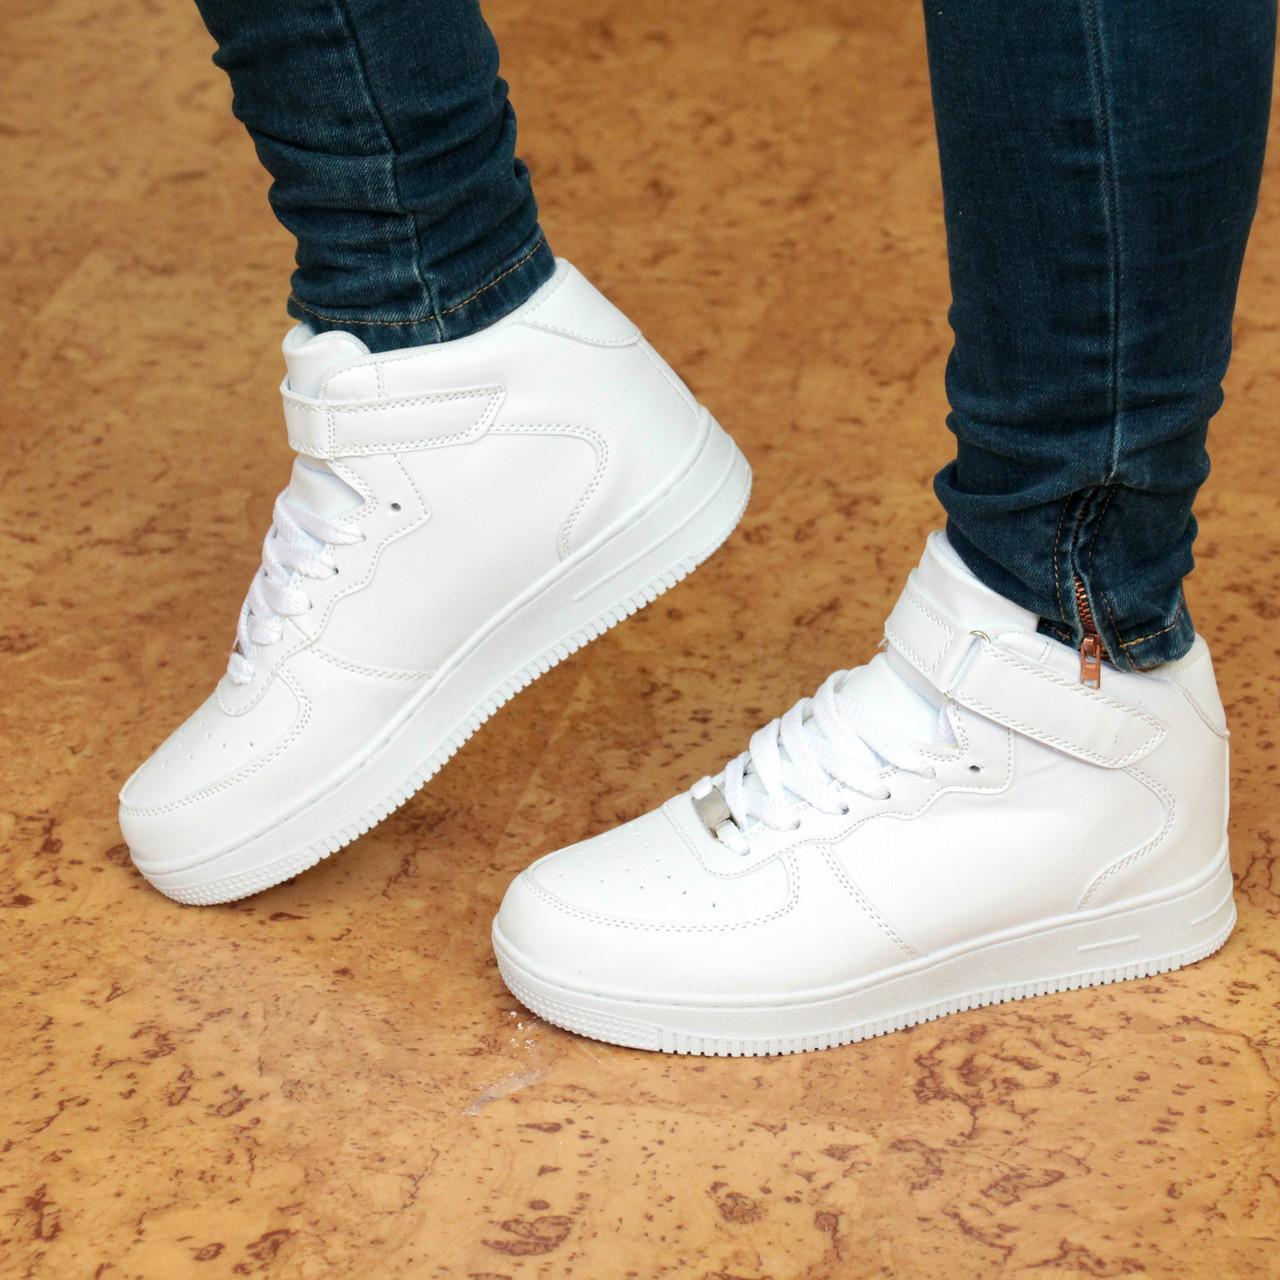 04d04ba2 Кроссовки женские в стиле Nike Air Force высокие белые 41 размер, люкс  качество - Интернет